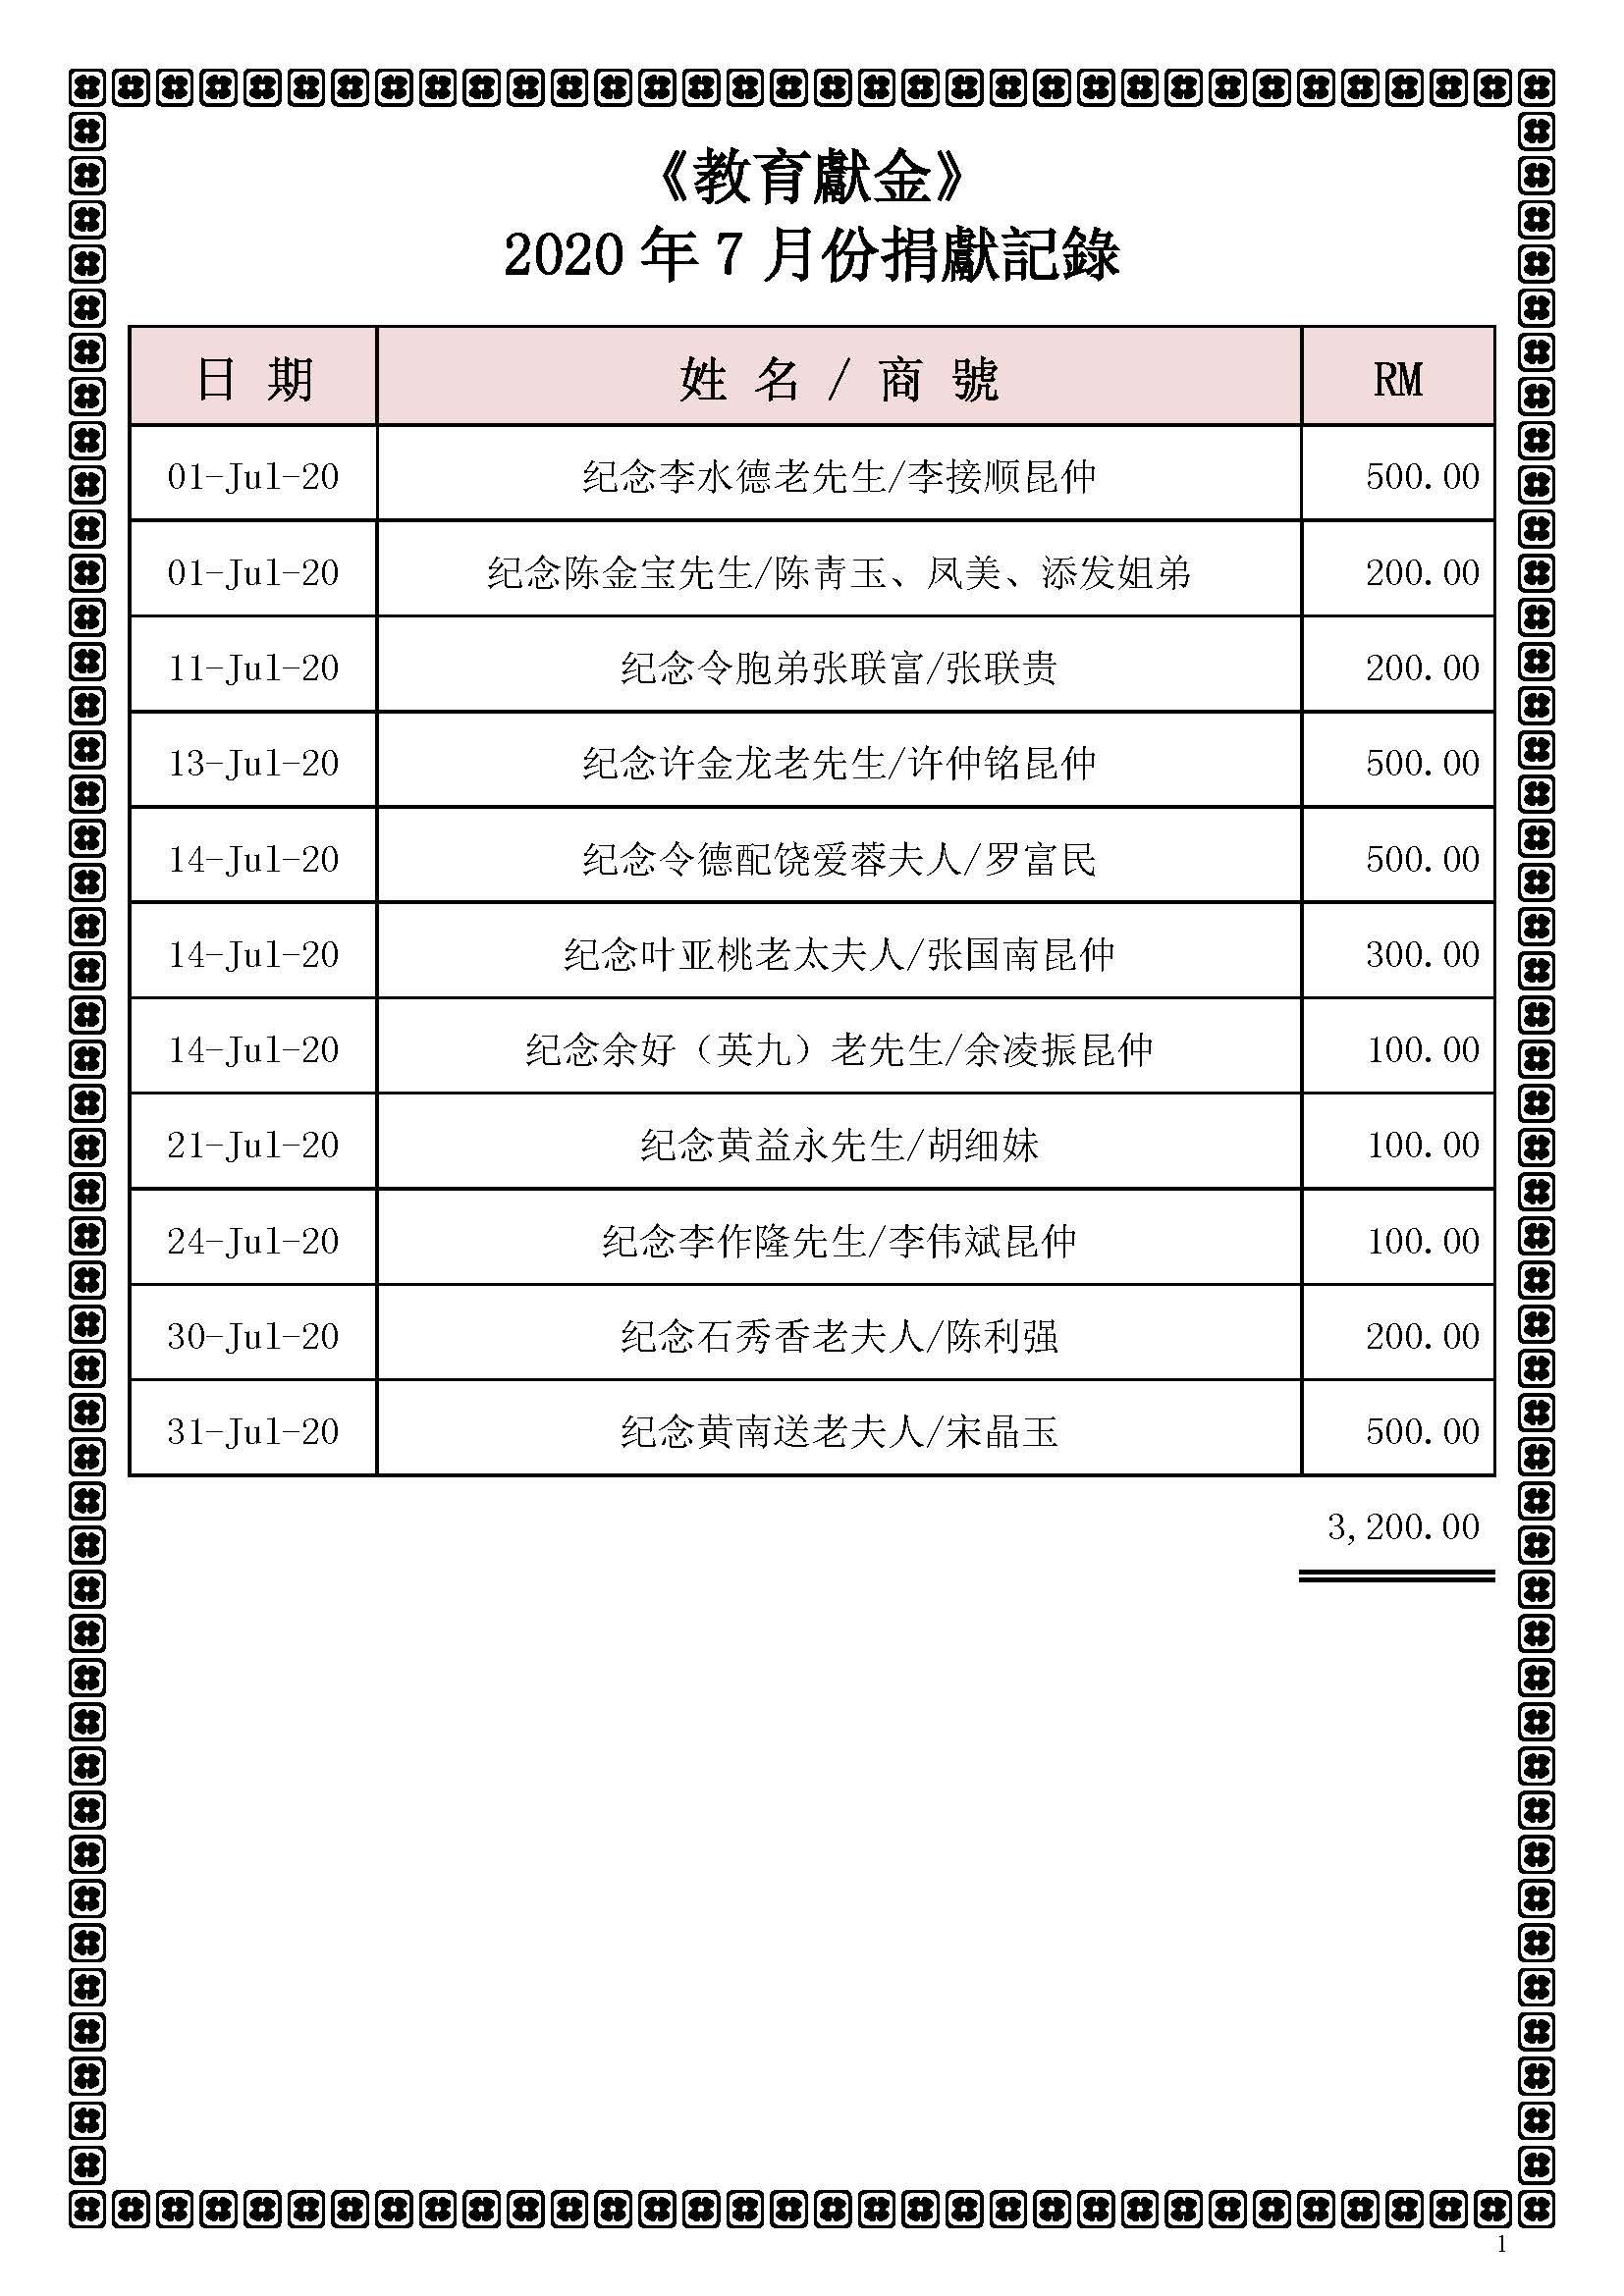 2020年7月份捐獻記錄—修改后_Page_1